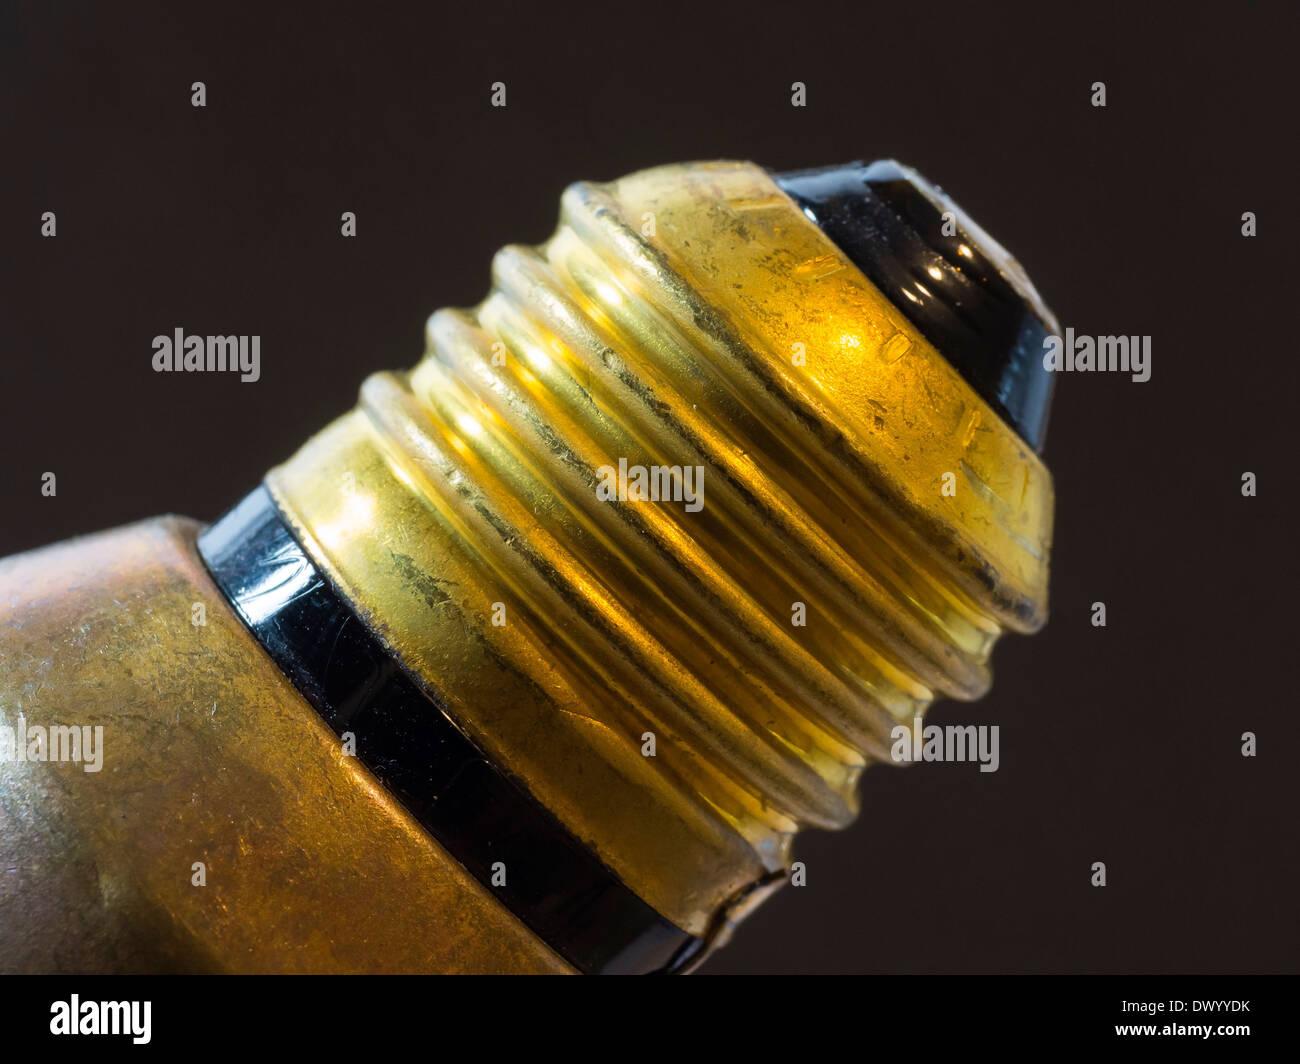 Un E27 dimensione vite edison lampadina luce di montaggio. Immagini Stock